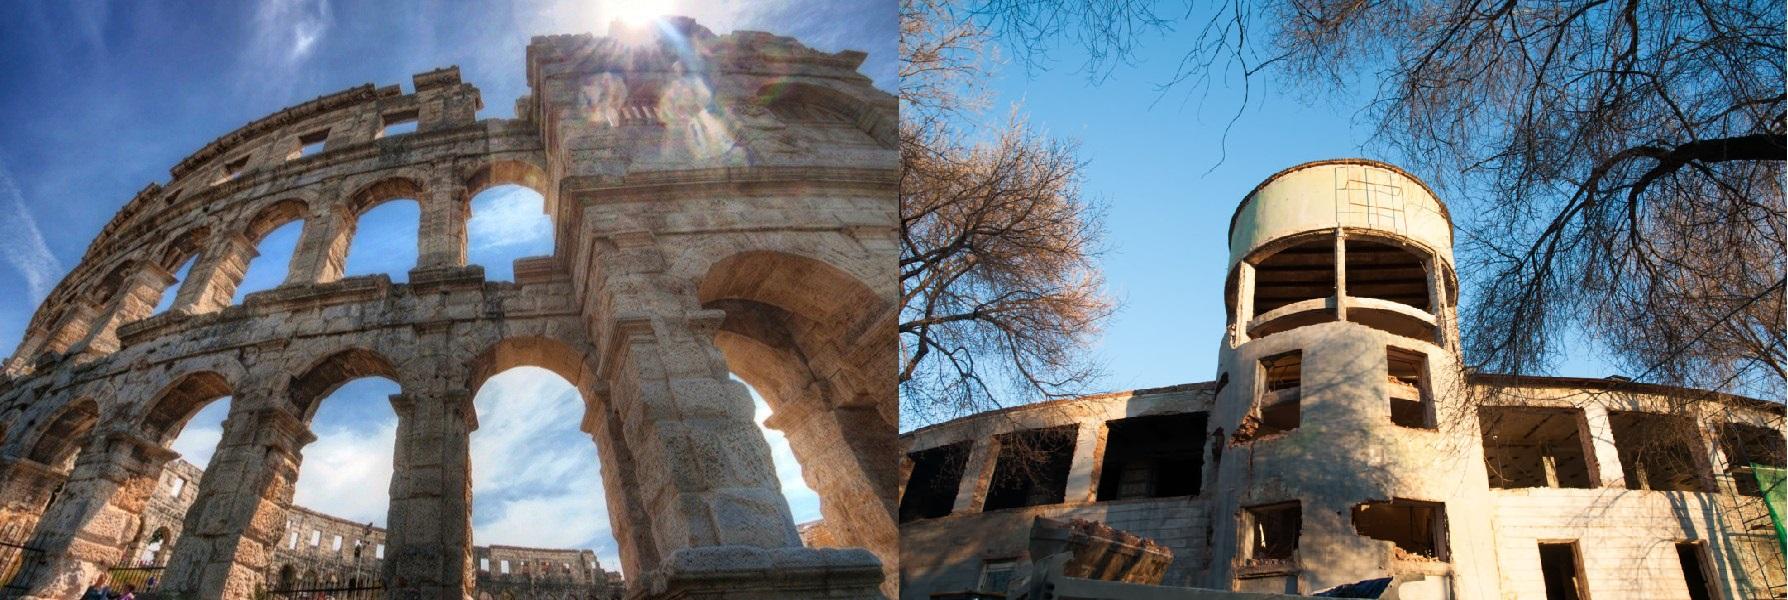 roman-ruins-pula-coliseum